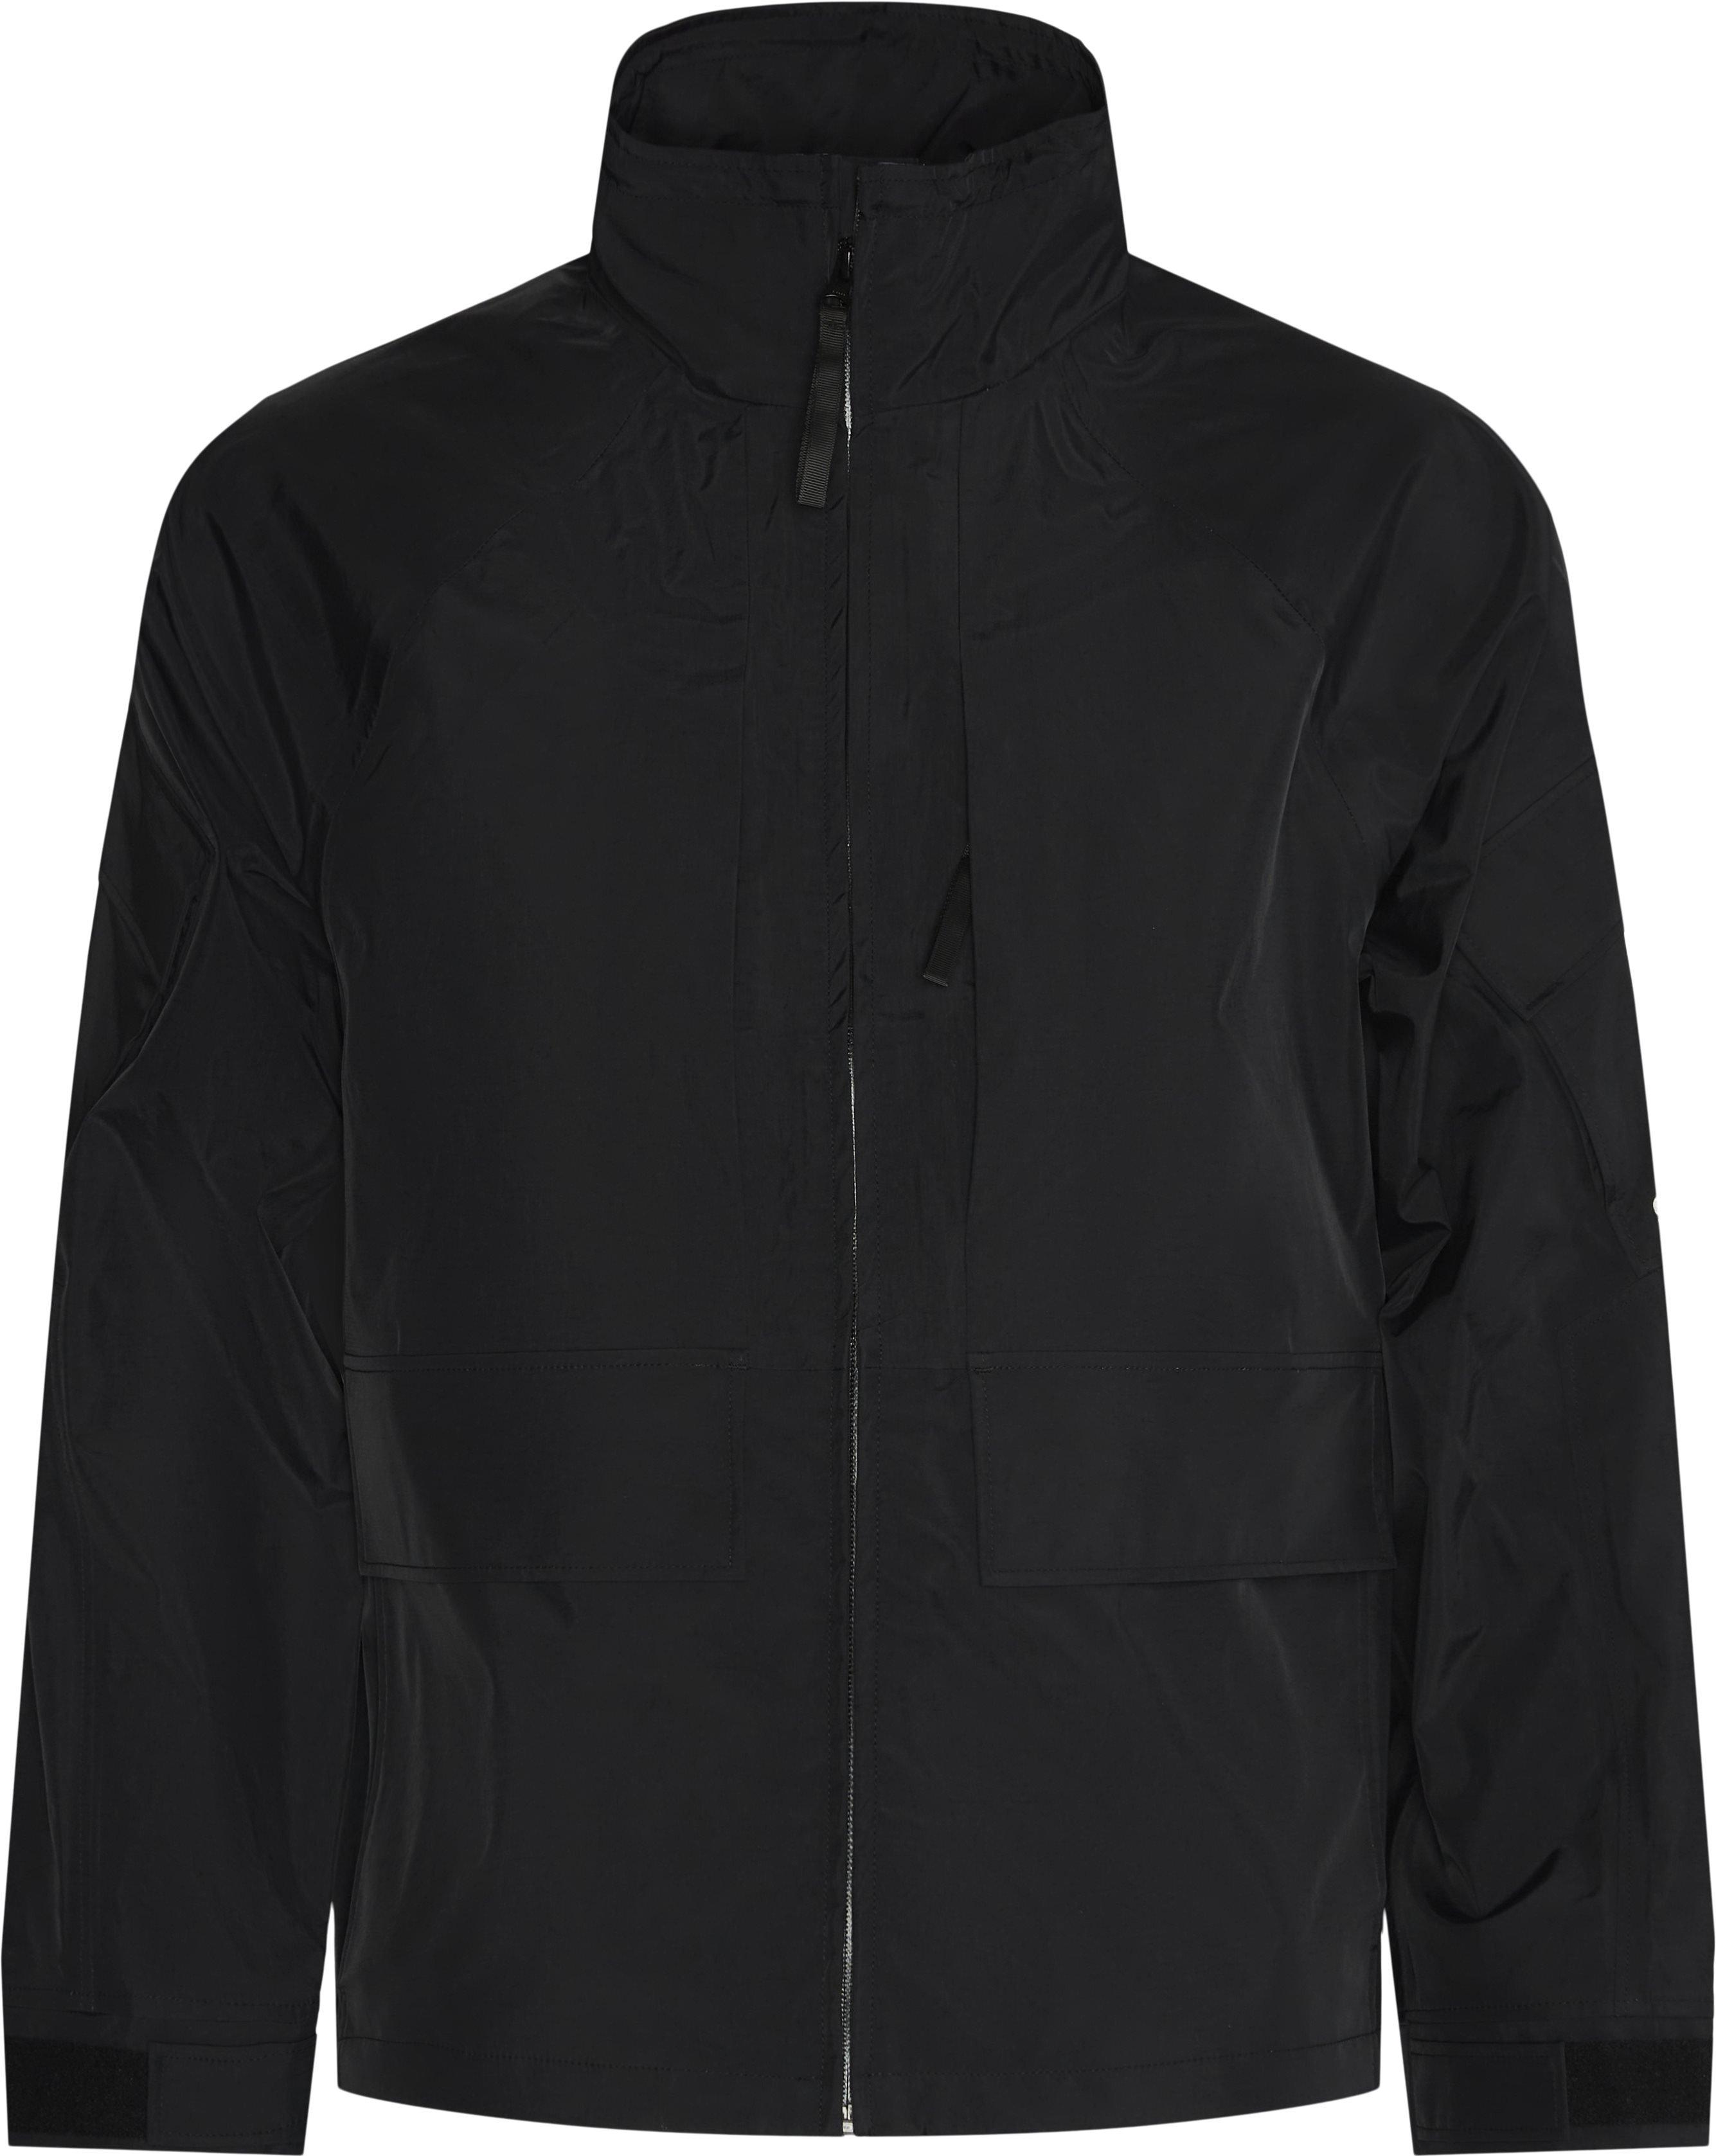 Apex Shell Jacket - Jackets - Regular - Black